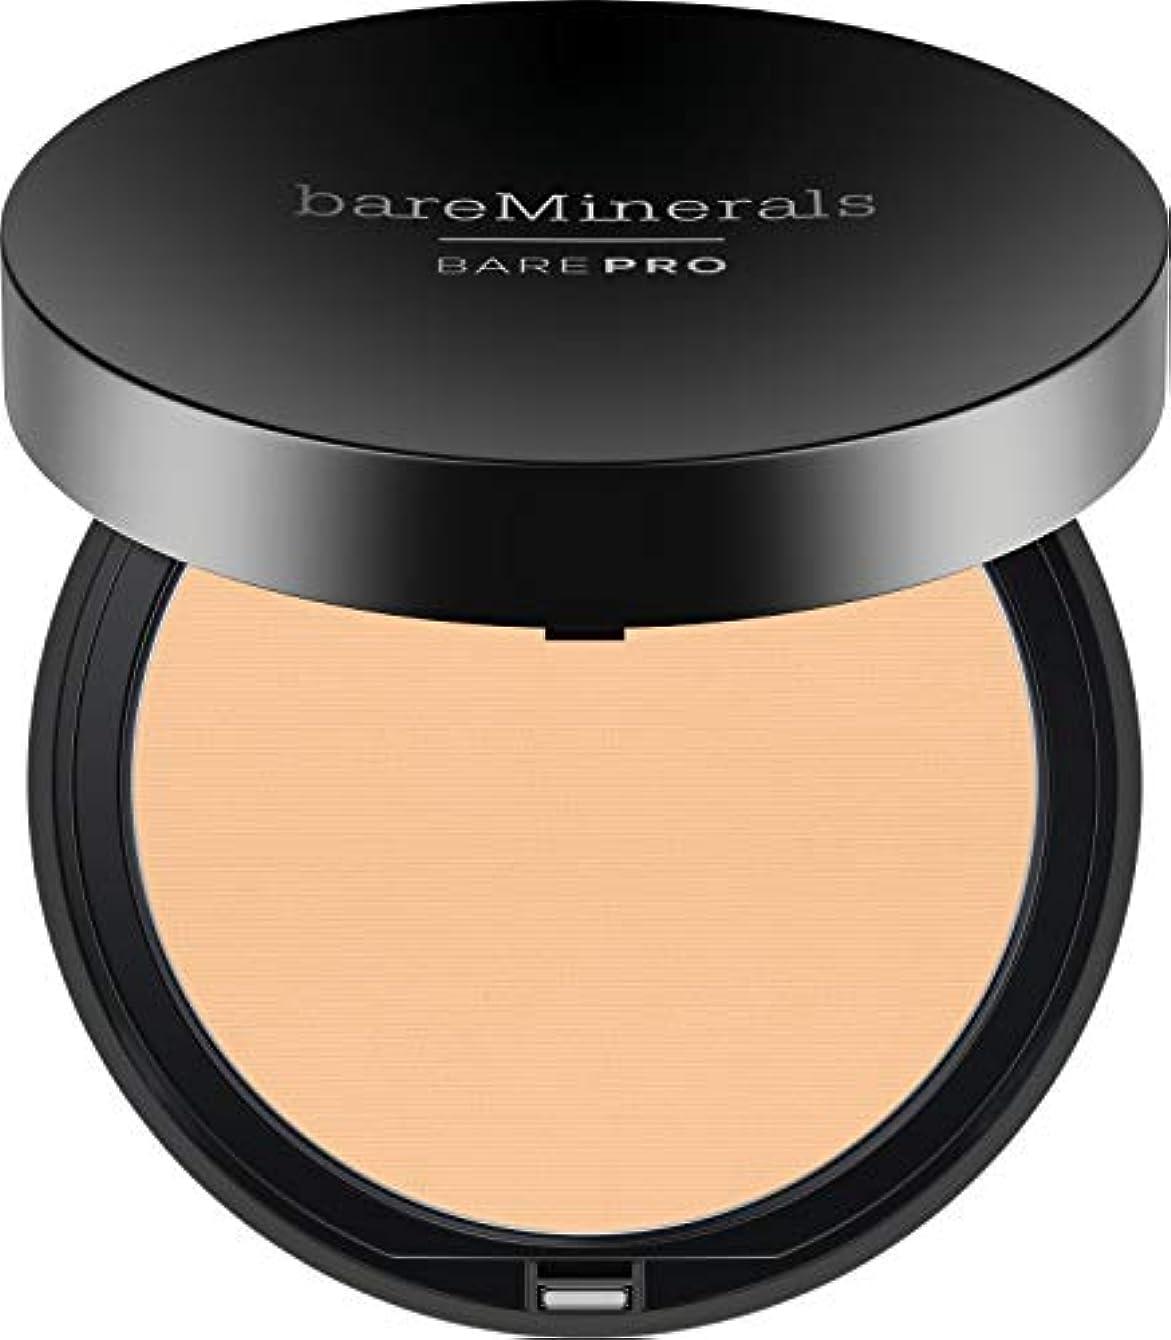 彼女自身司書忠誠ベアミネラル BarePro Performance Wear Powder Foundation - # 07 Warm Light 10g/0.34oz並行輸入品